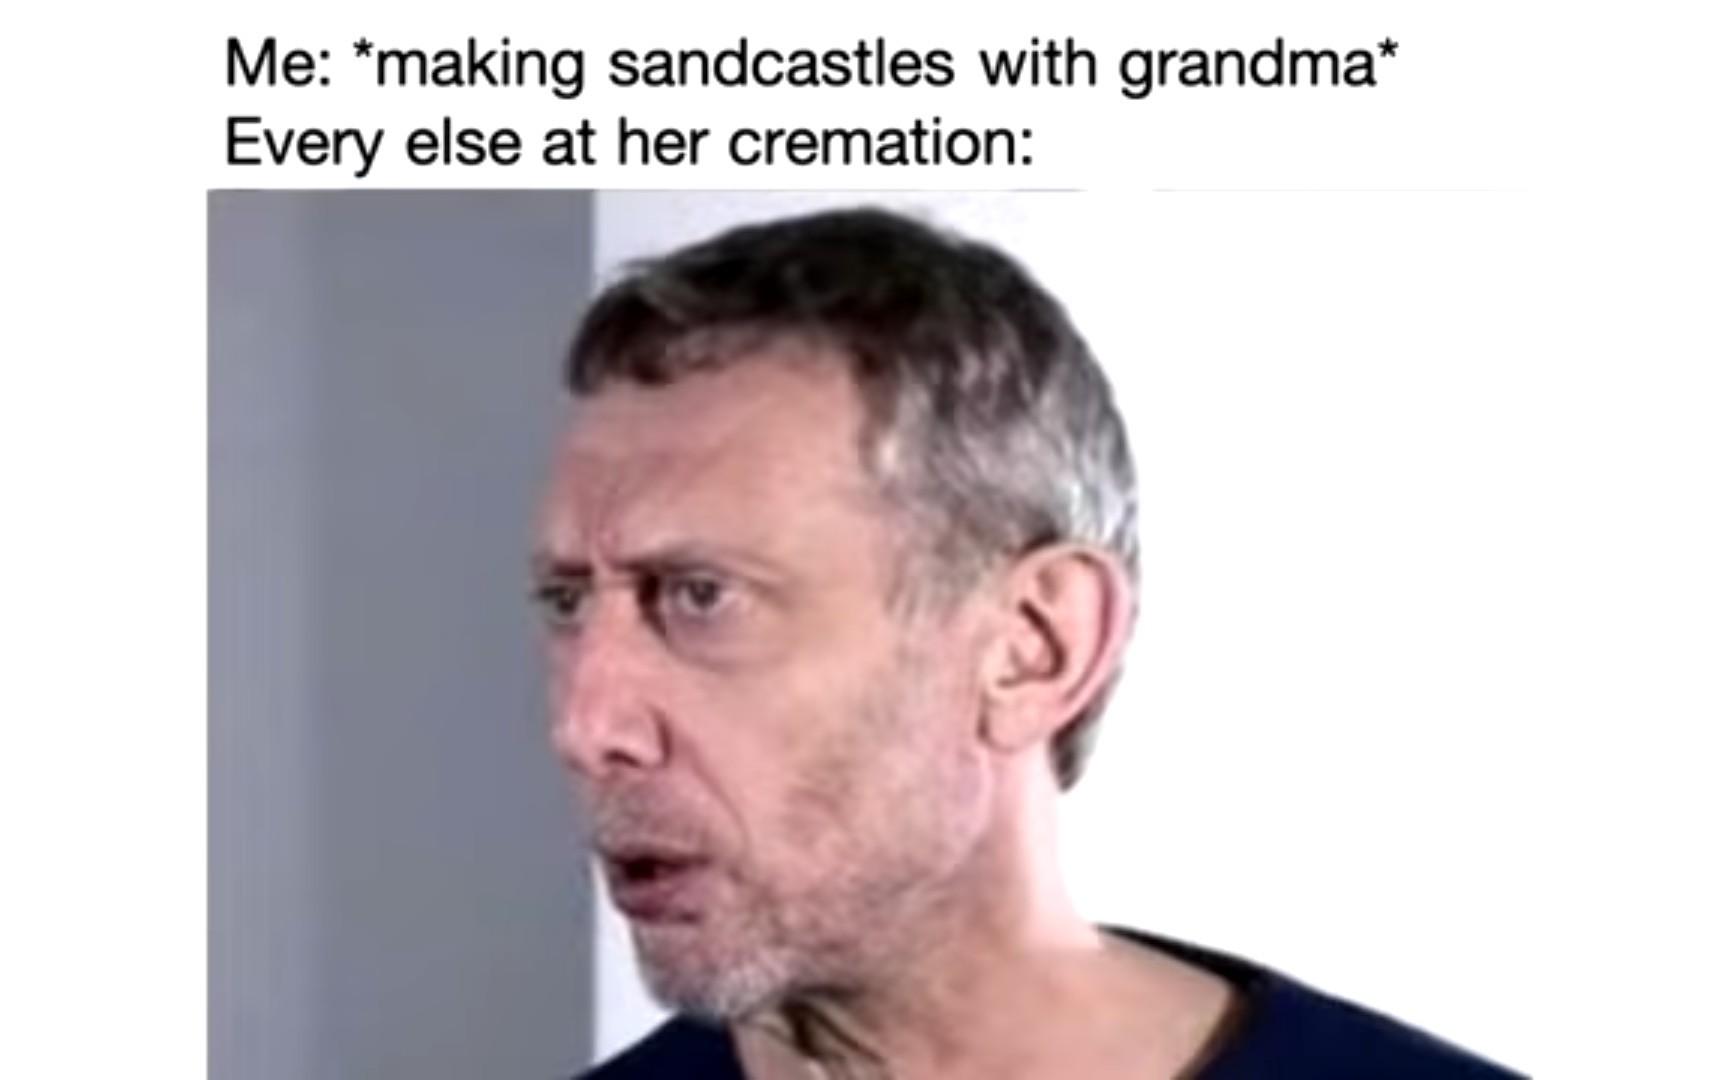 Il était un meme en anglais